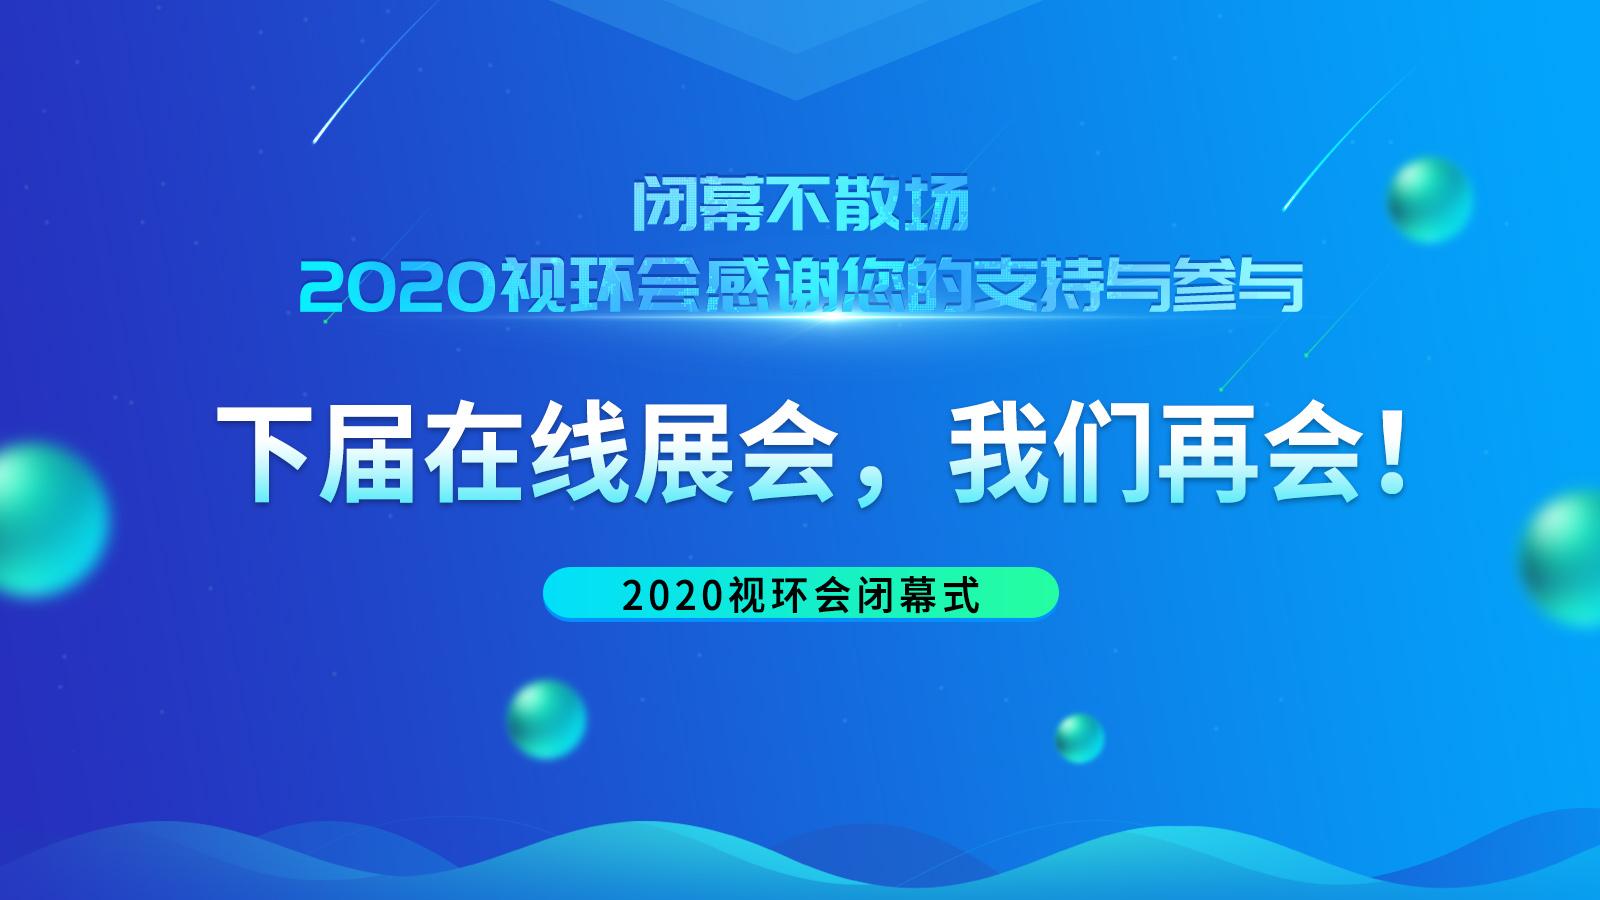 2020视环会-环保产业在线展会闭幕式